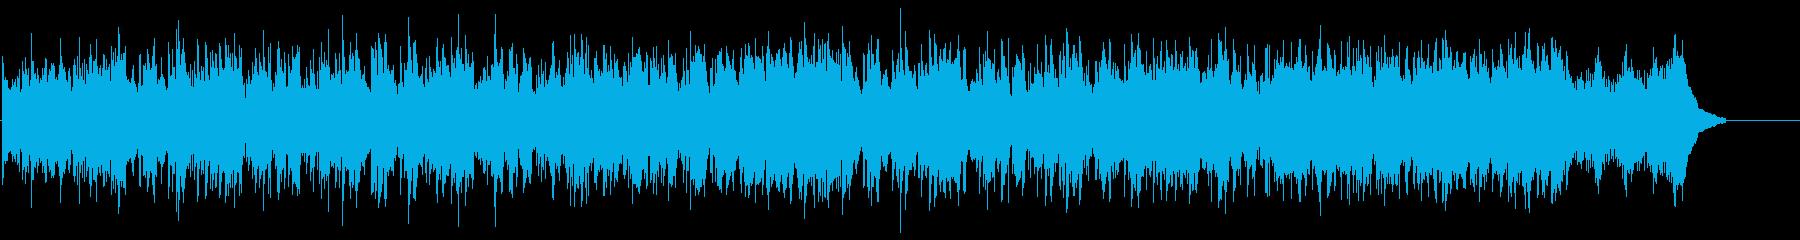 フュージョン風味のサウンドの再生済みの波形